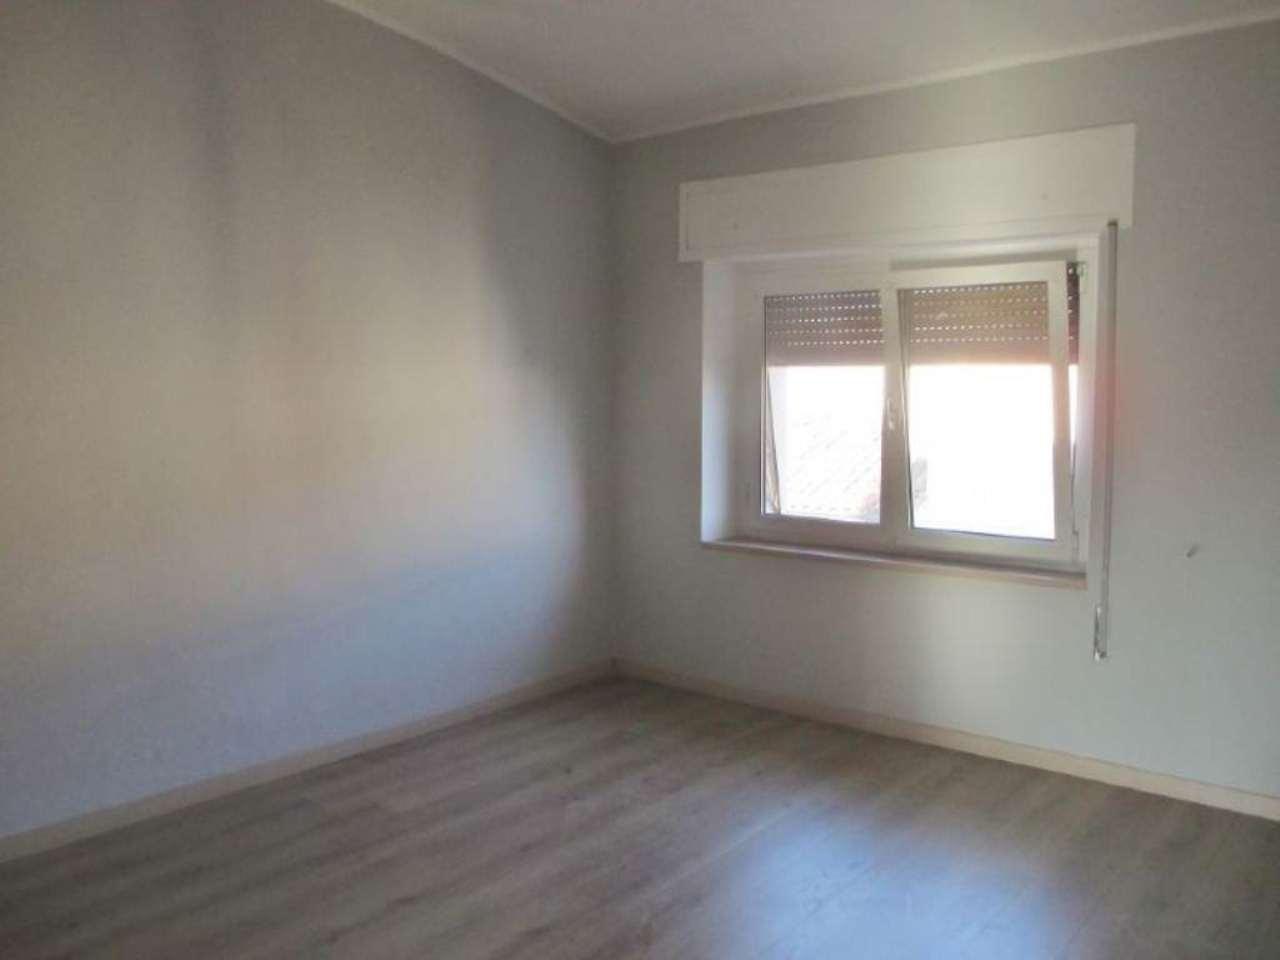 Appartamento in vendita a Soresina, 3 locali, prezzo € 26.000 | Cambio Casa.it